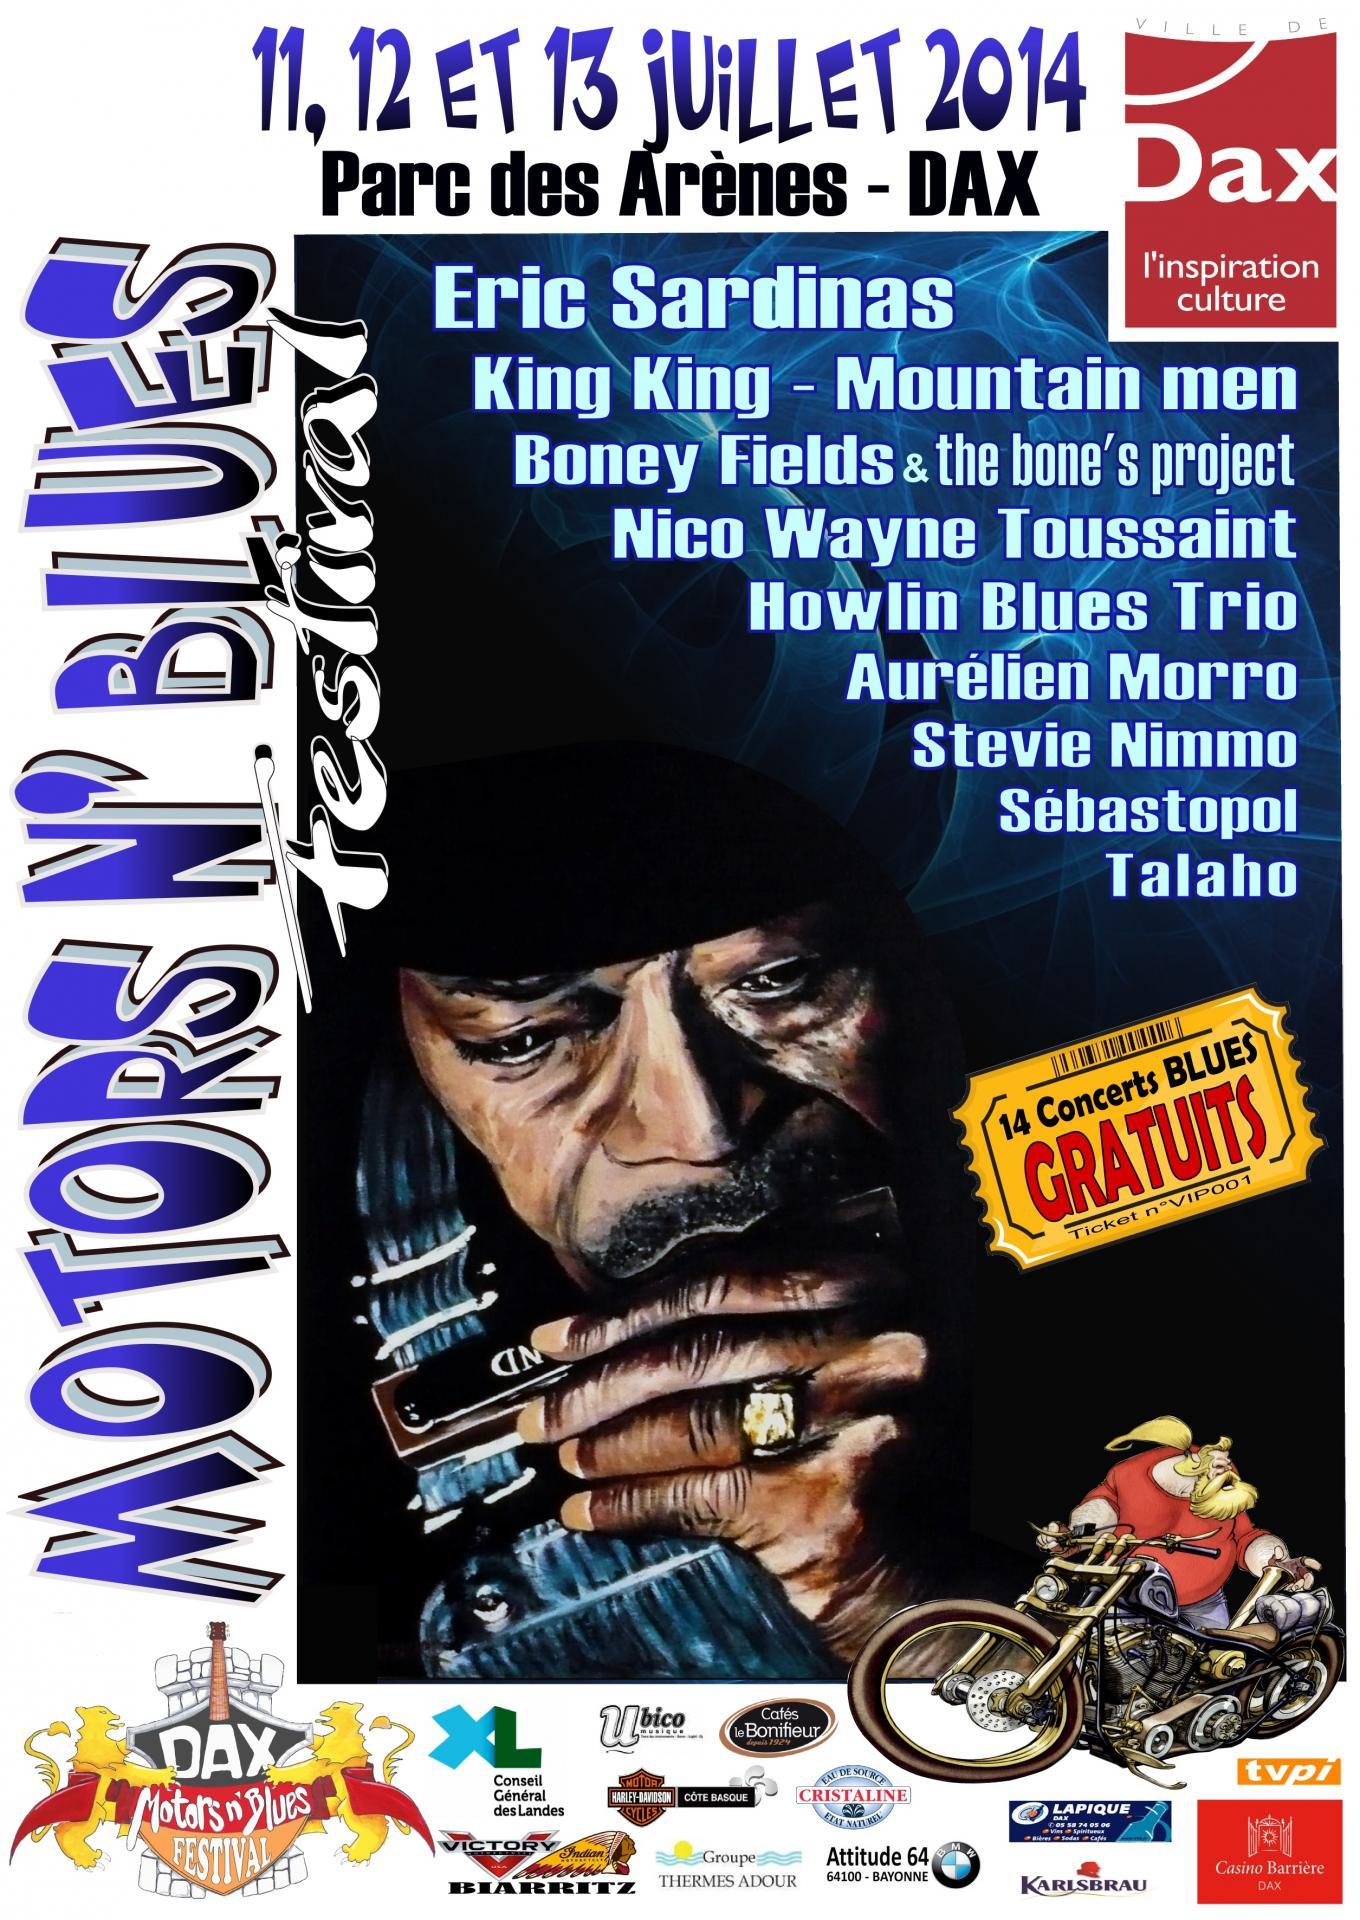 Du BLUES... du très bon Blues US - Page 2 Affiche.dmbf.2014